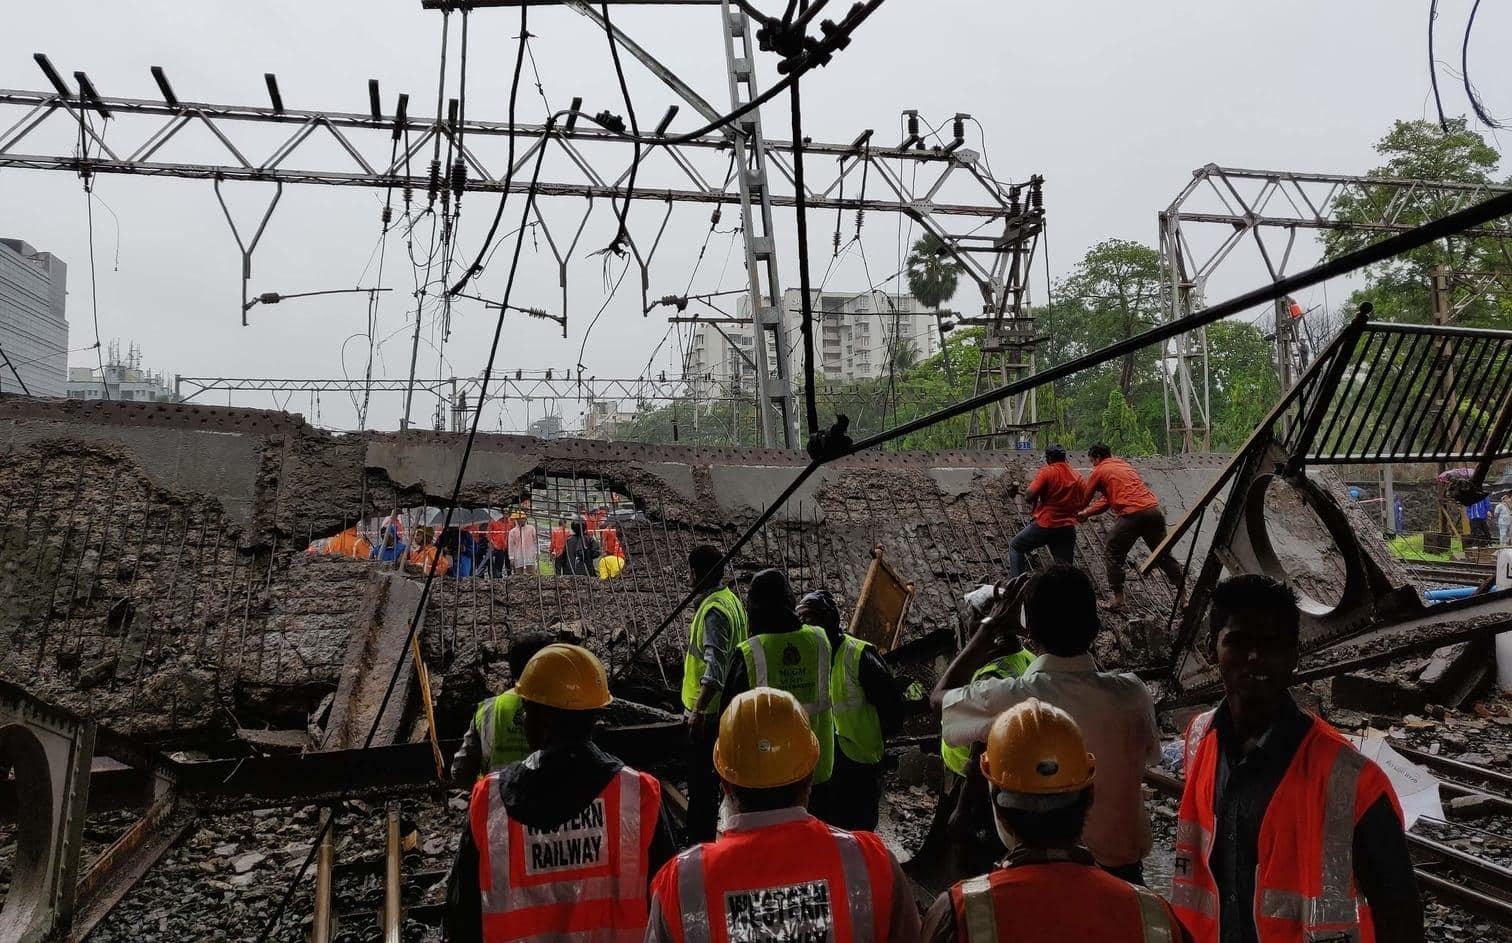 <p>Mindestens zwei Menschen sollen dabei verletzt worden sein.&nbsp;Rettungskräfte seien im Bahnhof Andheri im Einsatz